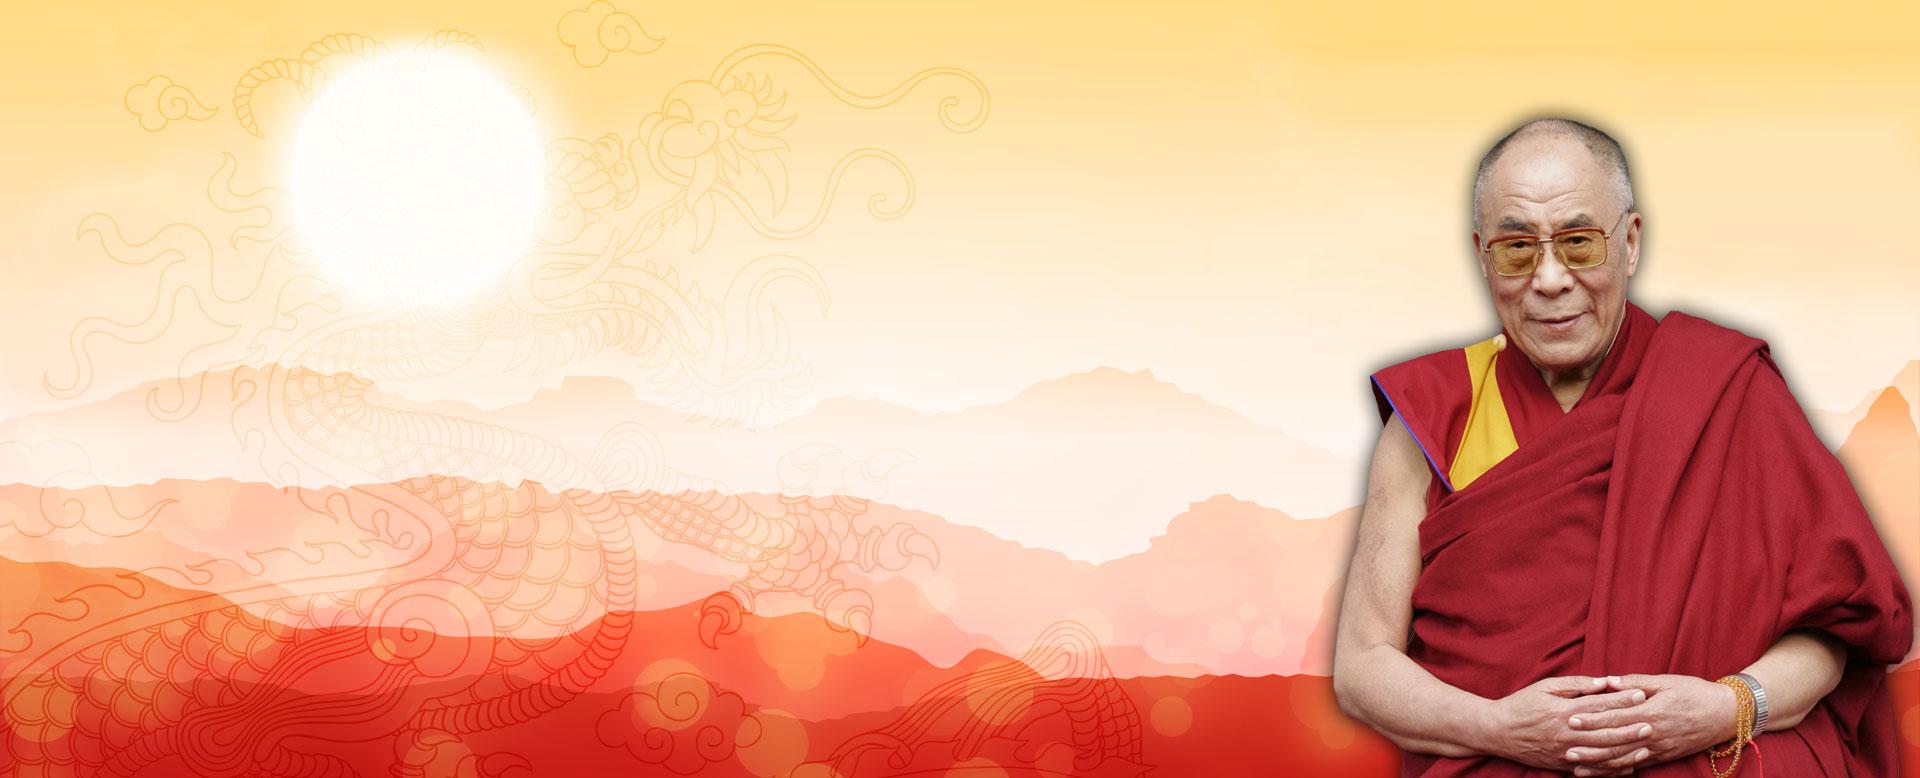 https://www.dalailama-peacedays.net/wp-content/uploads/2019/07/dalai-lama-header-01.jpg